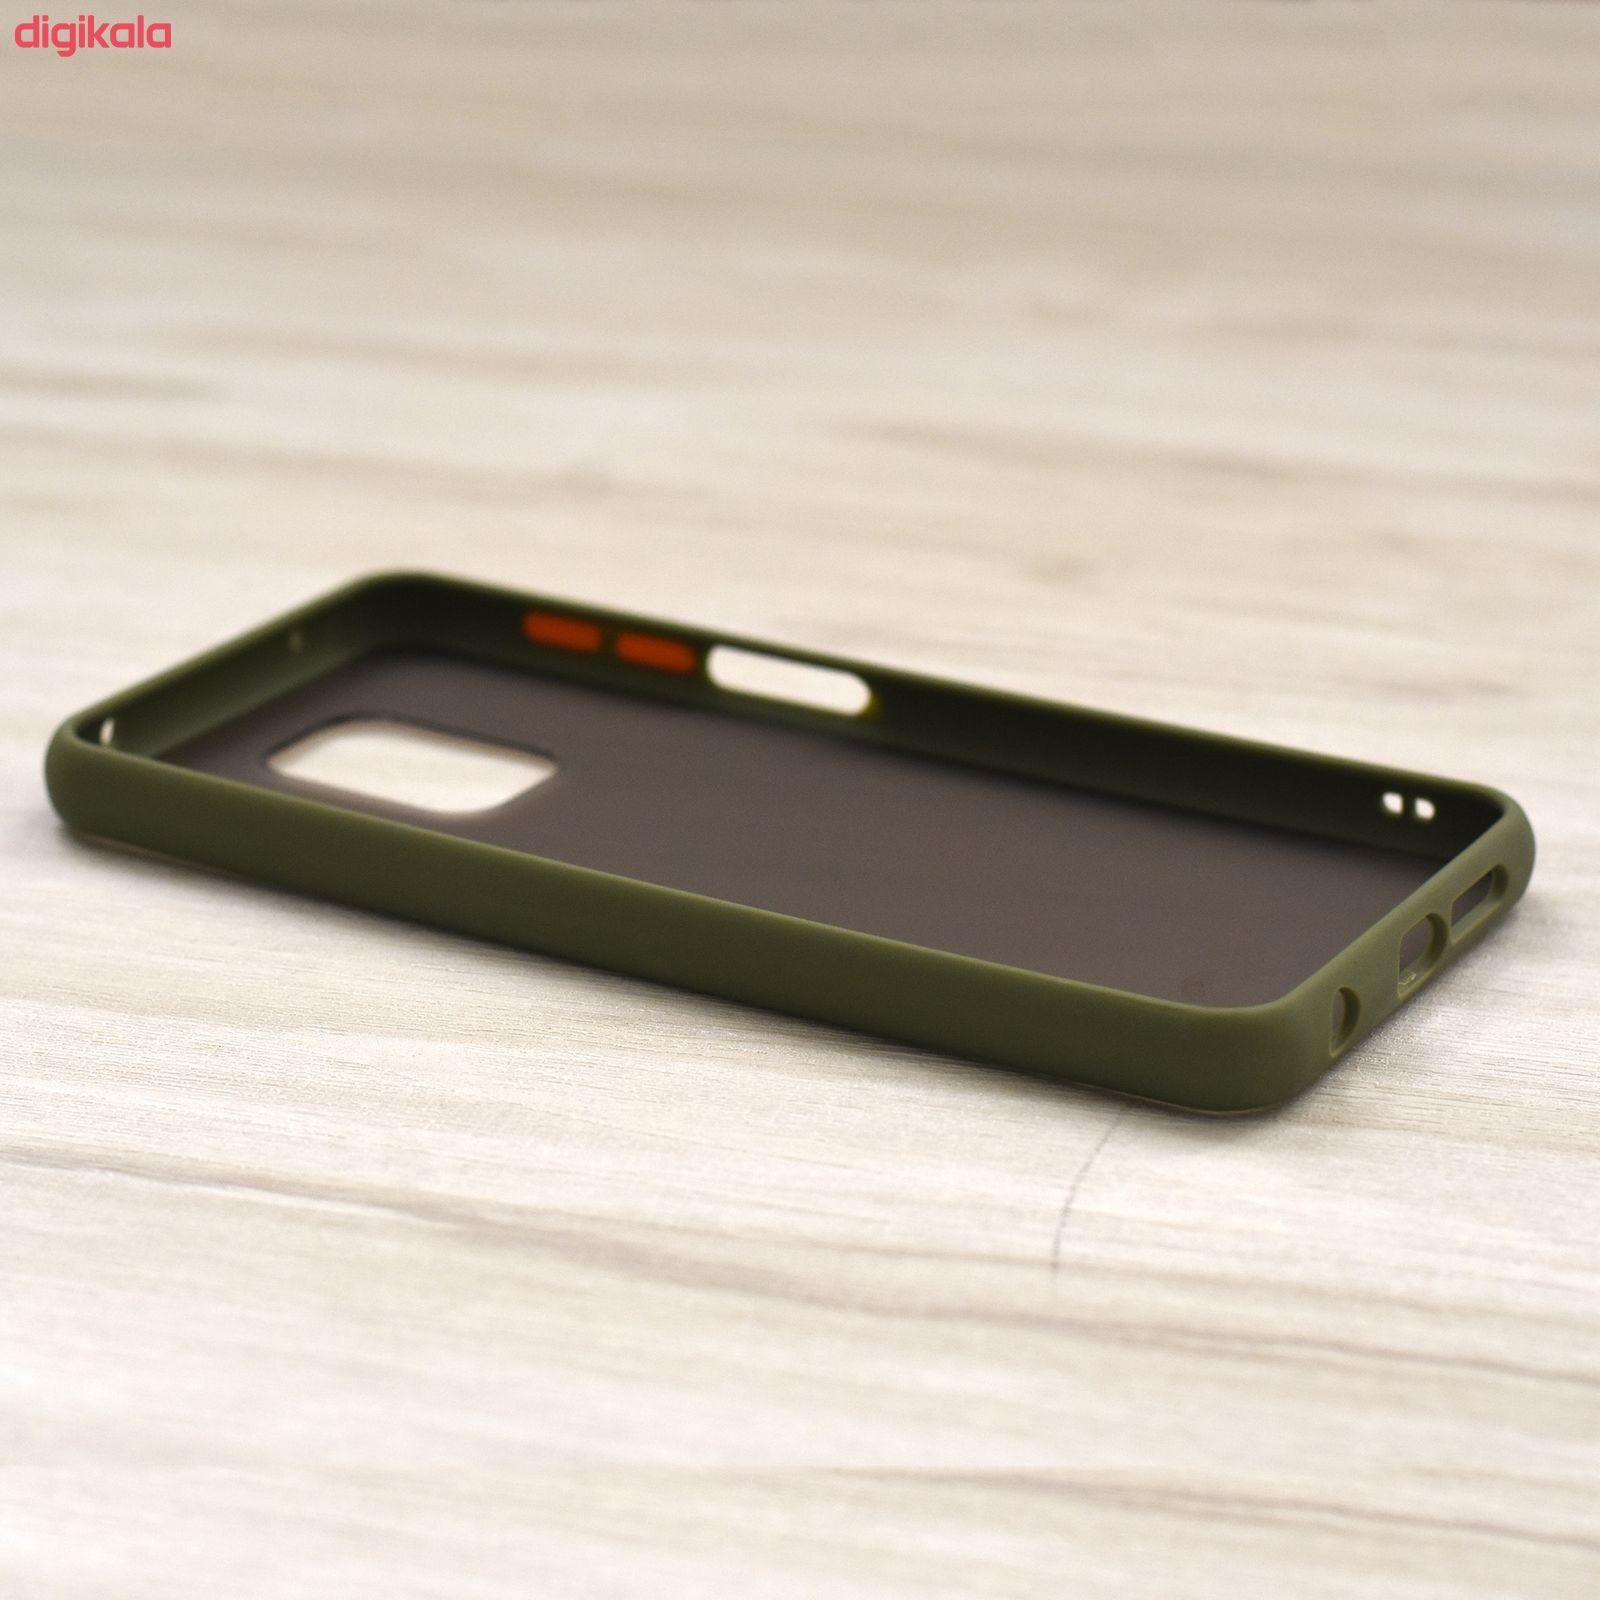 کاور مدل Slico01 مناسب برای گوشی موبایل شیائومی Redmi Note 9S / 9 Pro main 1 12